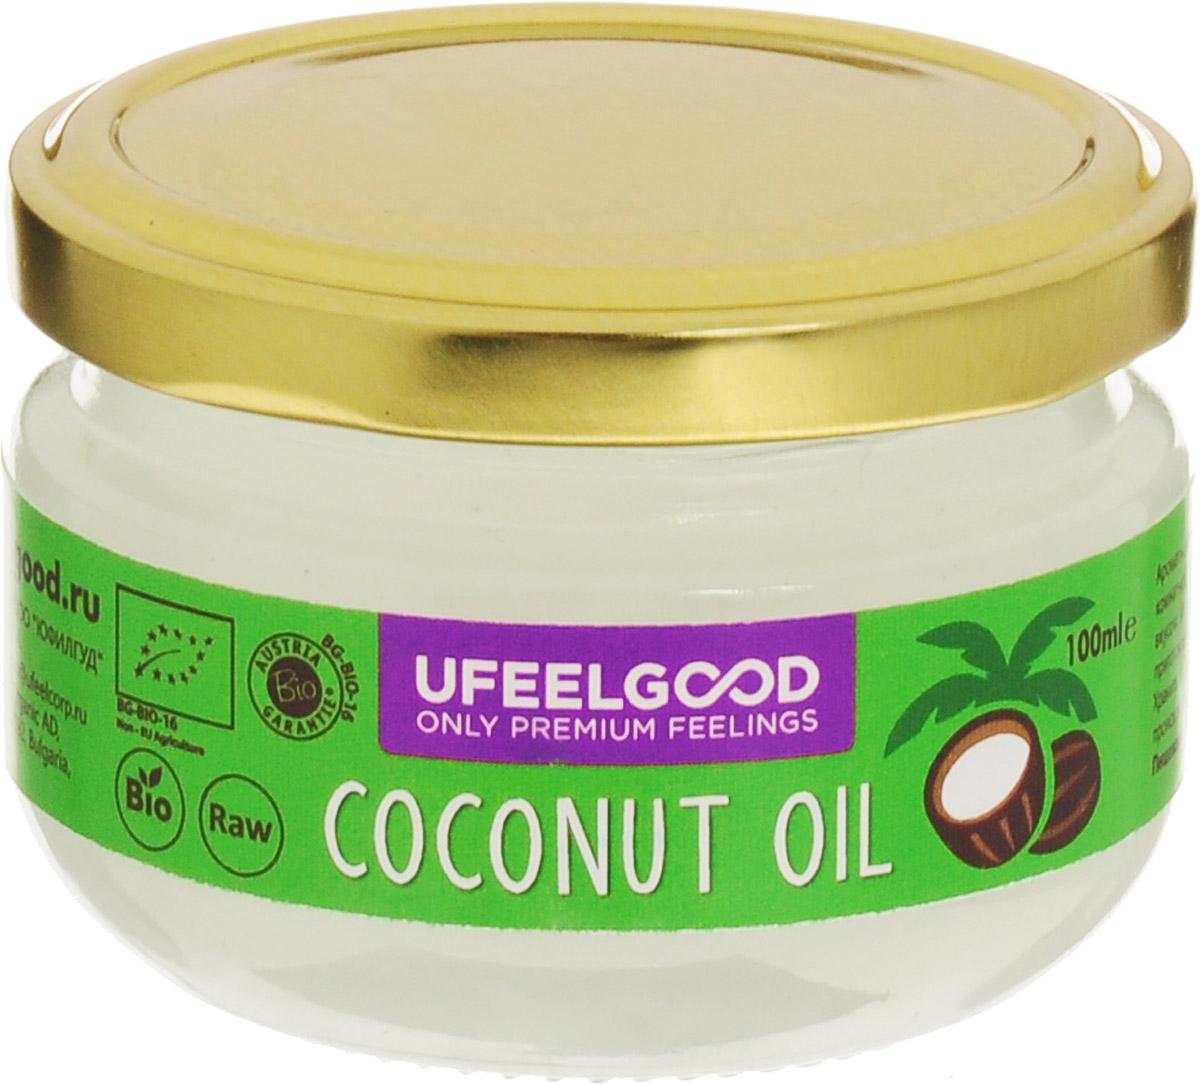 UFEELGOOD Coconut Oil кокосовое масло органическое, 100 мл4680016091399Кокосовое масло идеально подходит для приготовления пищи, так как его молекулы достаточно стабильны, чтобы выдерживать нагрев, не окисляясь.Также масло можно использовать для наружного применения: массаж с ароматерапией, различные маски насыщают, увлажняют и охлаждают кожу, оказывая противовоспалительное действие. Применение кокосового масла уменьшает симптомы кожных заболеваний, поддерживает естественный биохимический баланс кожи, помогает устранить сухость и шелушение, препятствует образованию морщин, дряблости кожи и пигментных пятен.